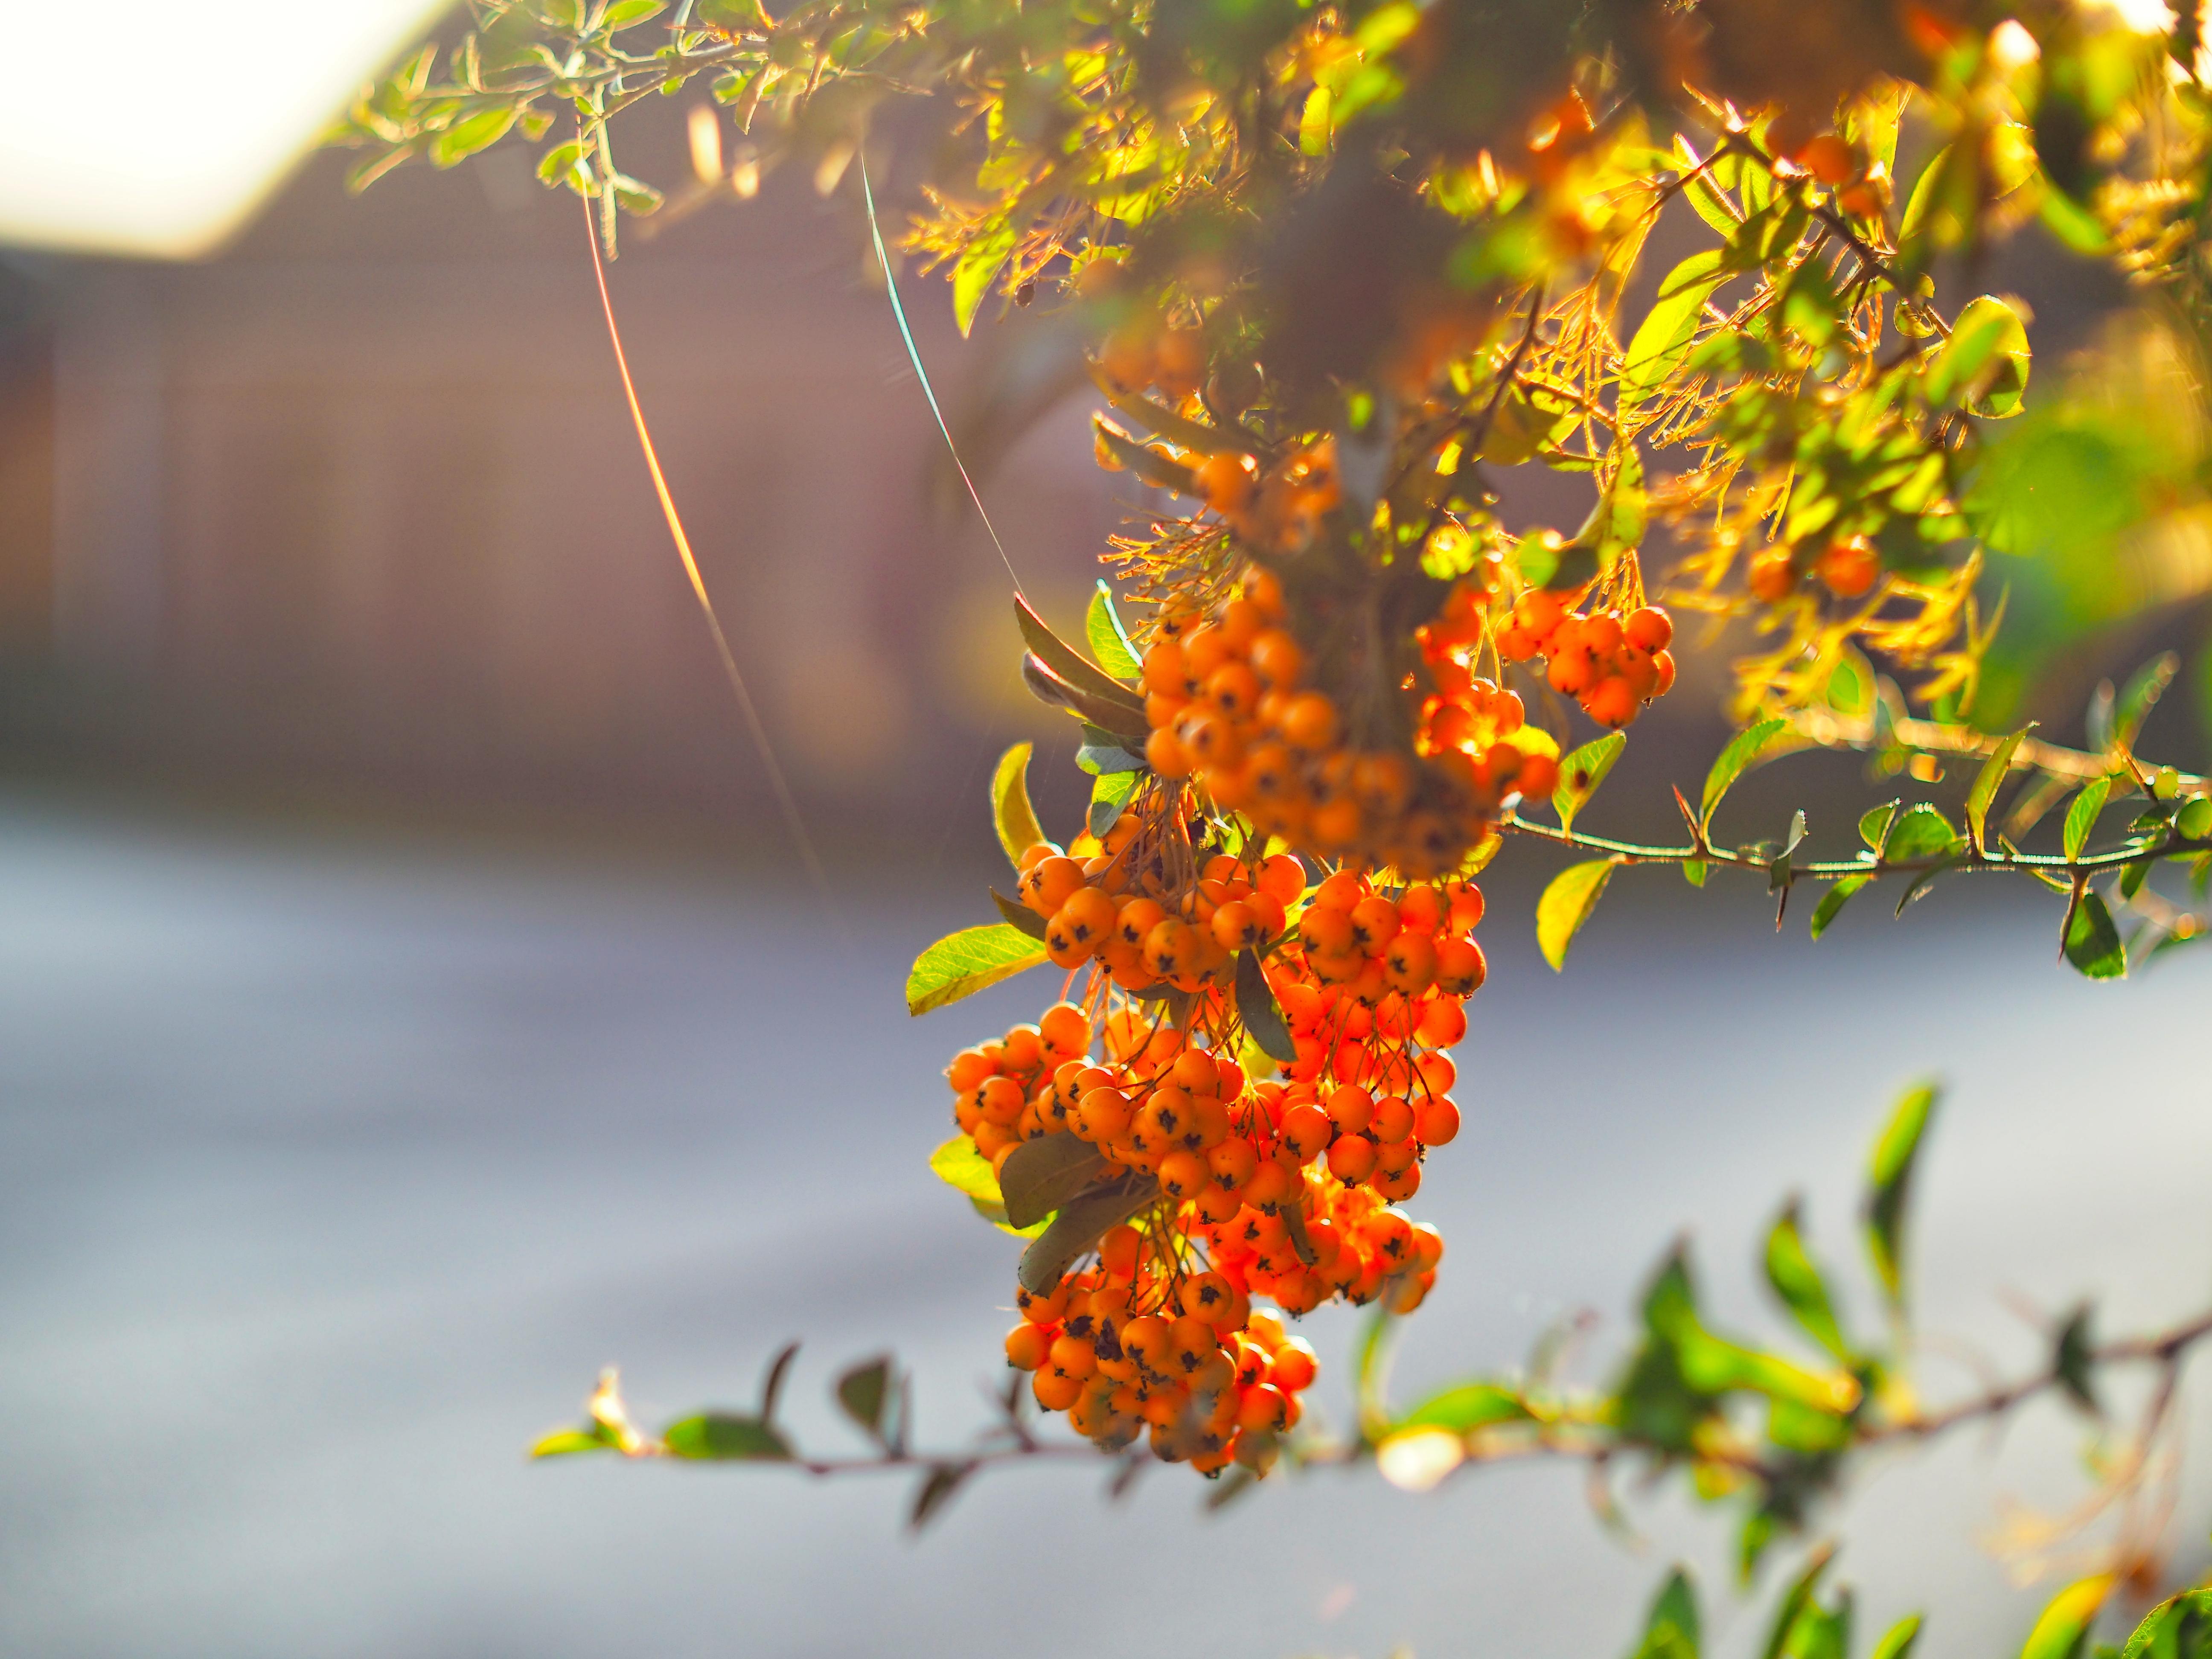 126685 скачать обои Природа, Оранжевый, Гроздь, Растение, Ягоды - заставки и картинки бесплатно